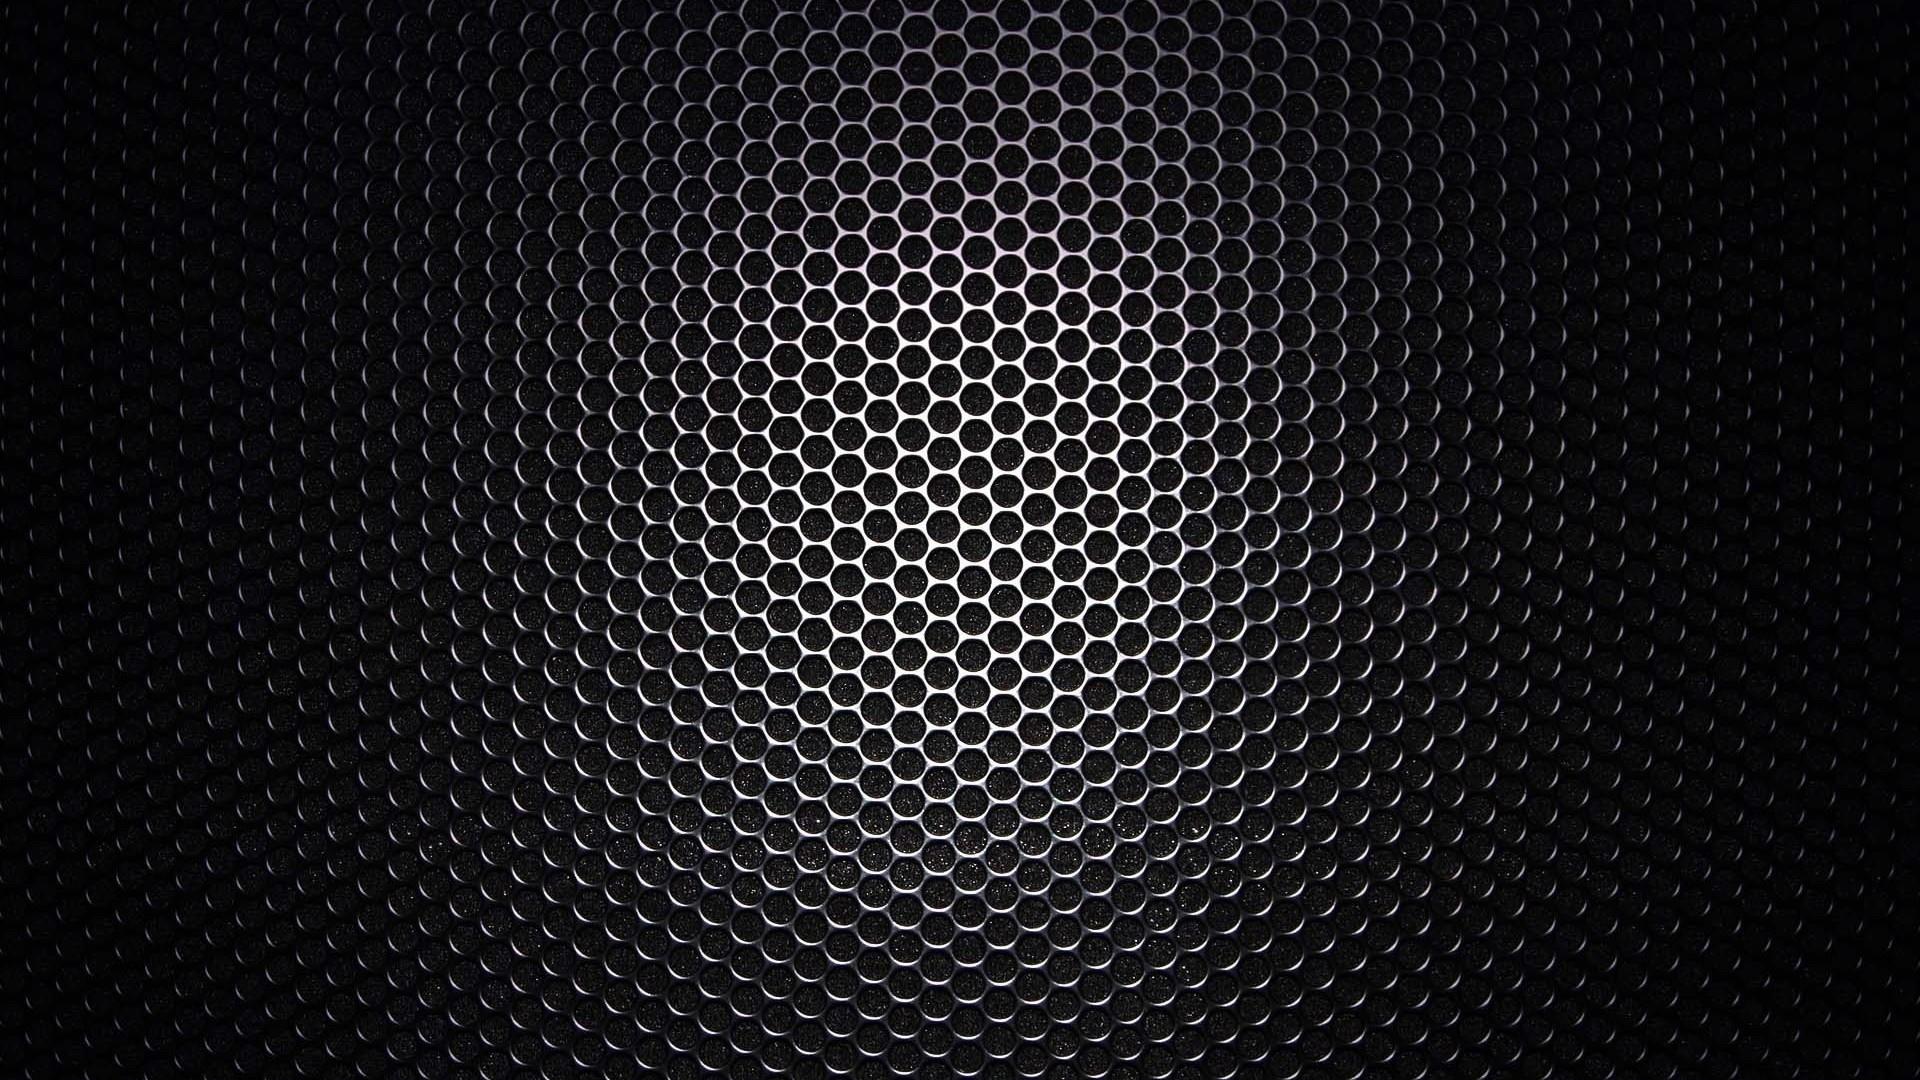 Carbon Fiber PC Wallpaper